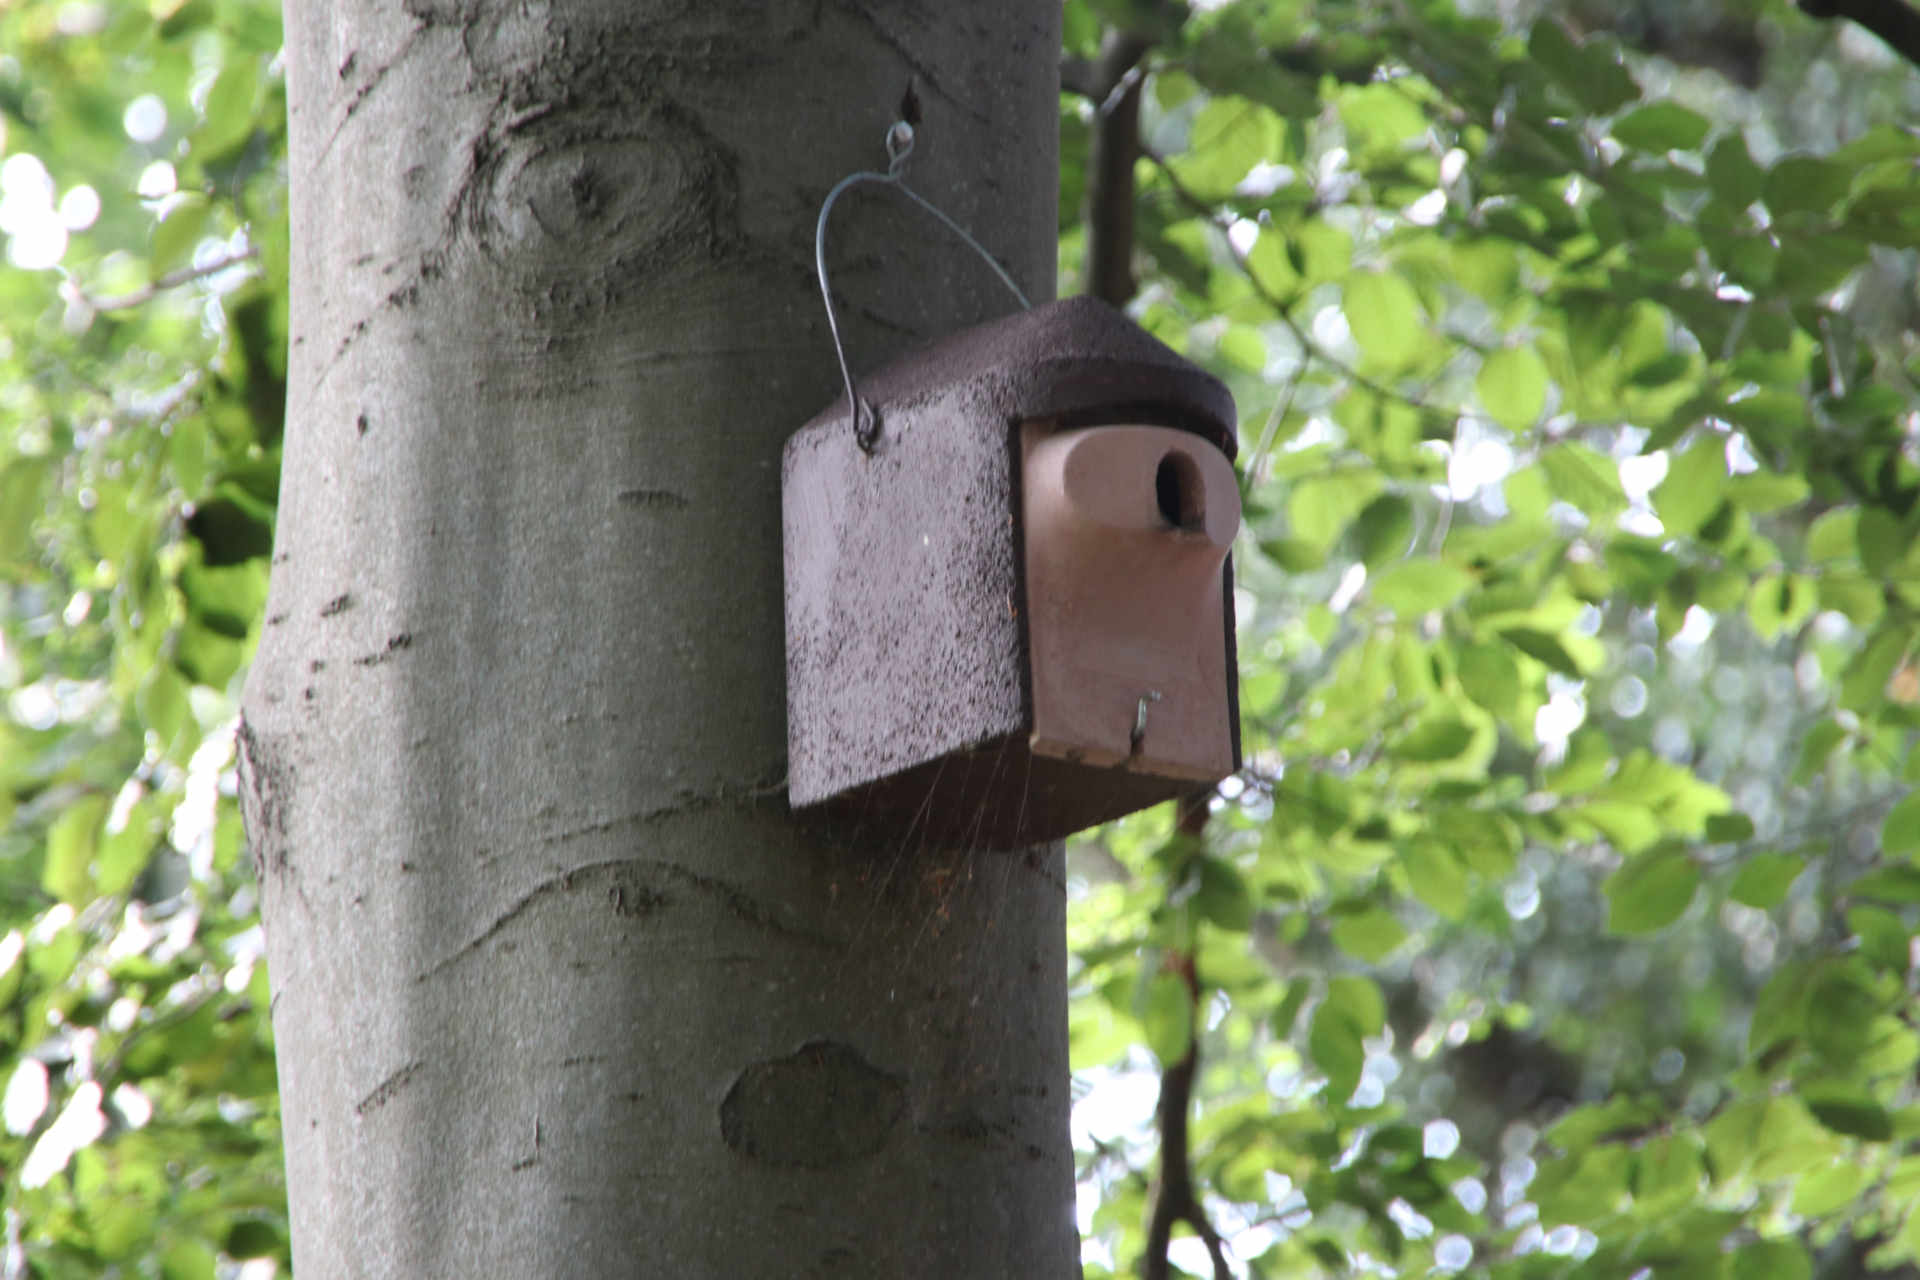 Nistkasten an Baum